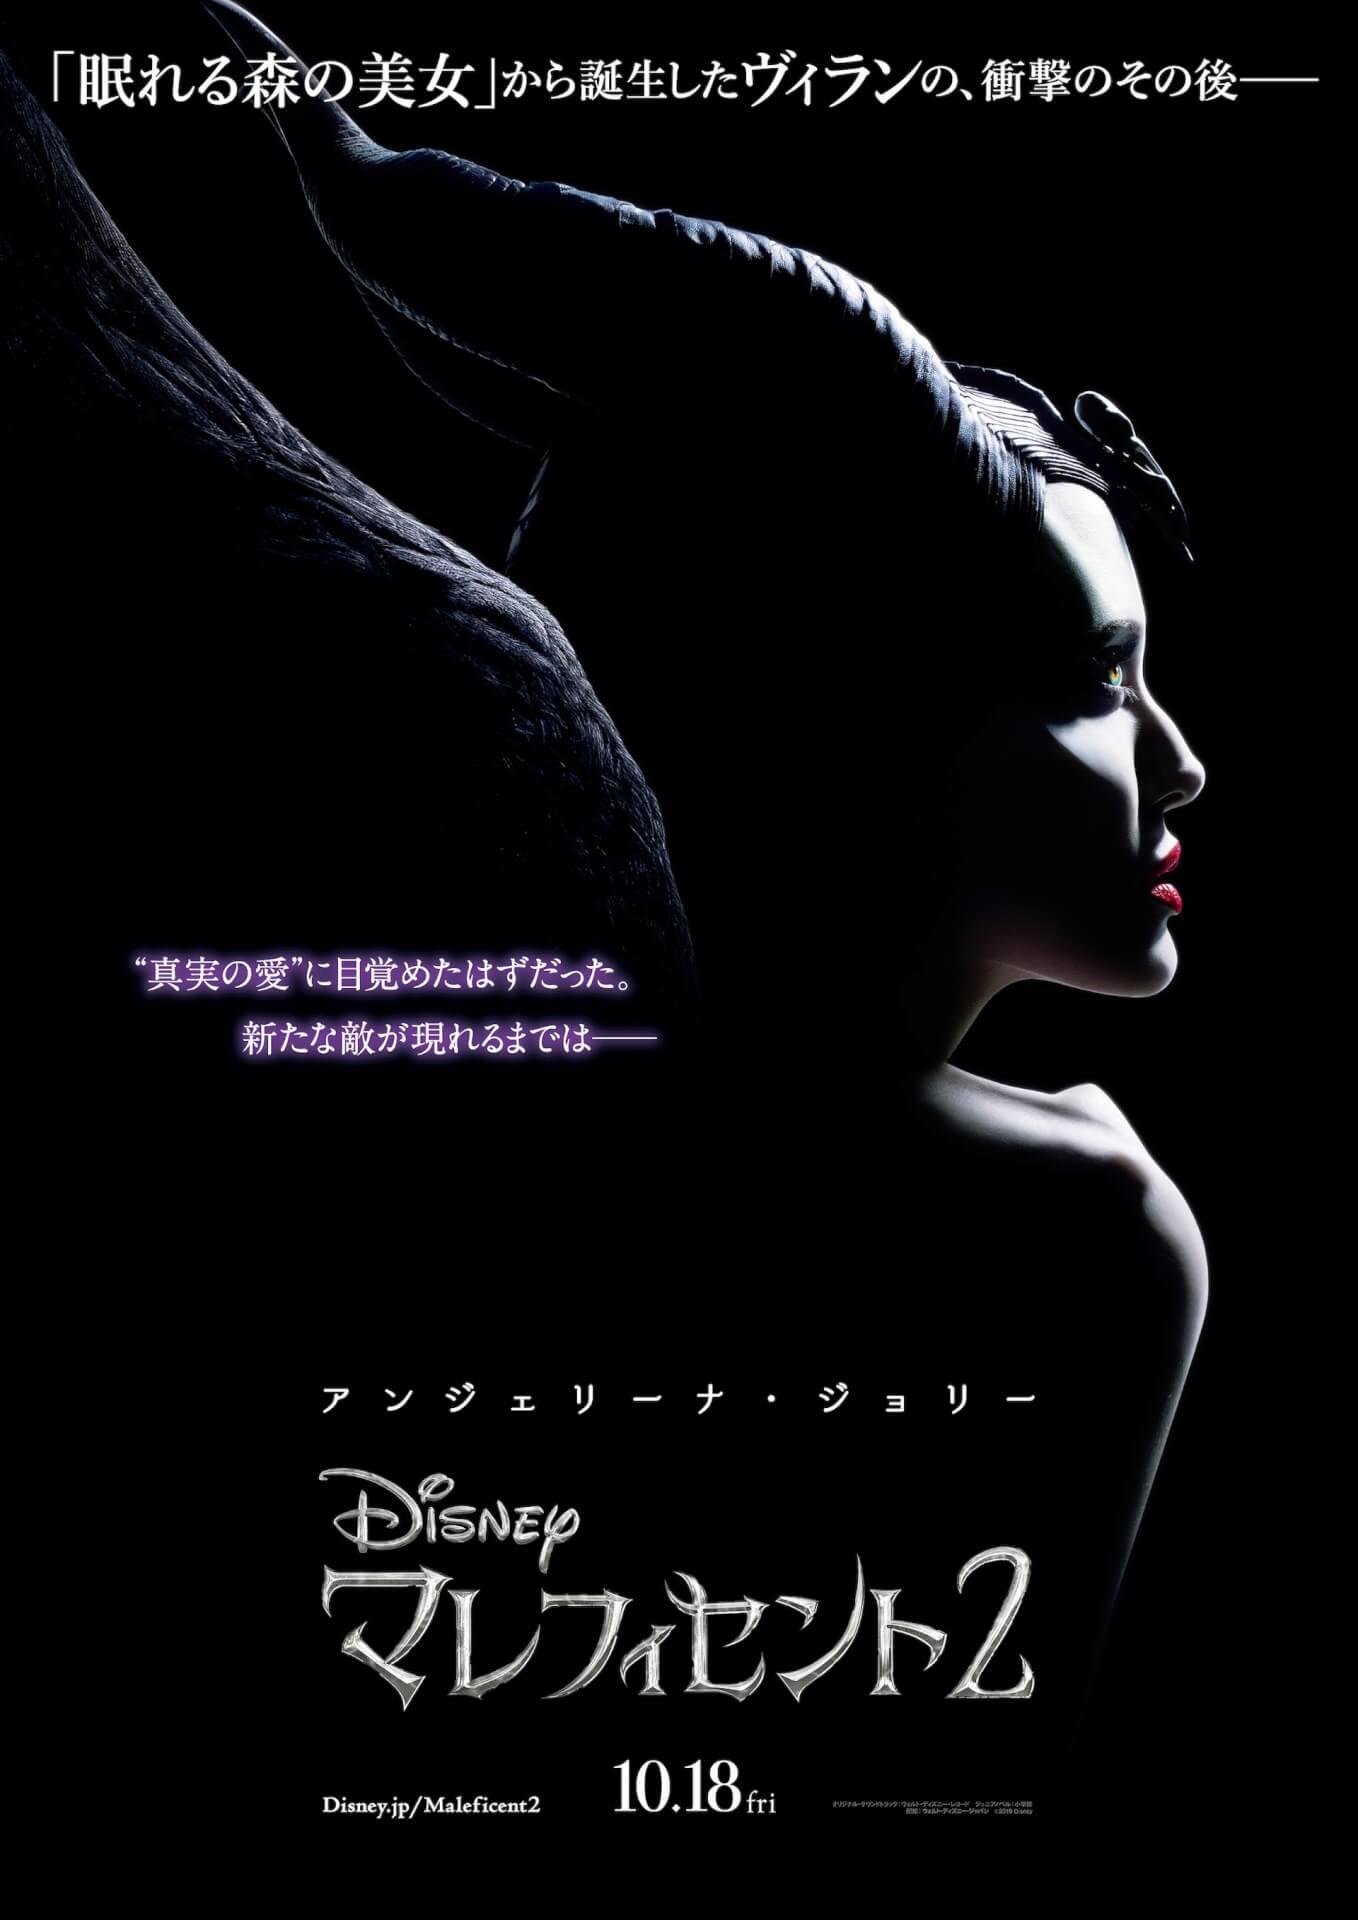 """新次元の上映システム""""ScreenX""""で、マレフィセントと大空へ!『マレフィセント2』公開に先駆け、ScreenX版・特別映像が到着 film191015_-Maleficent2_03"""